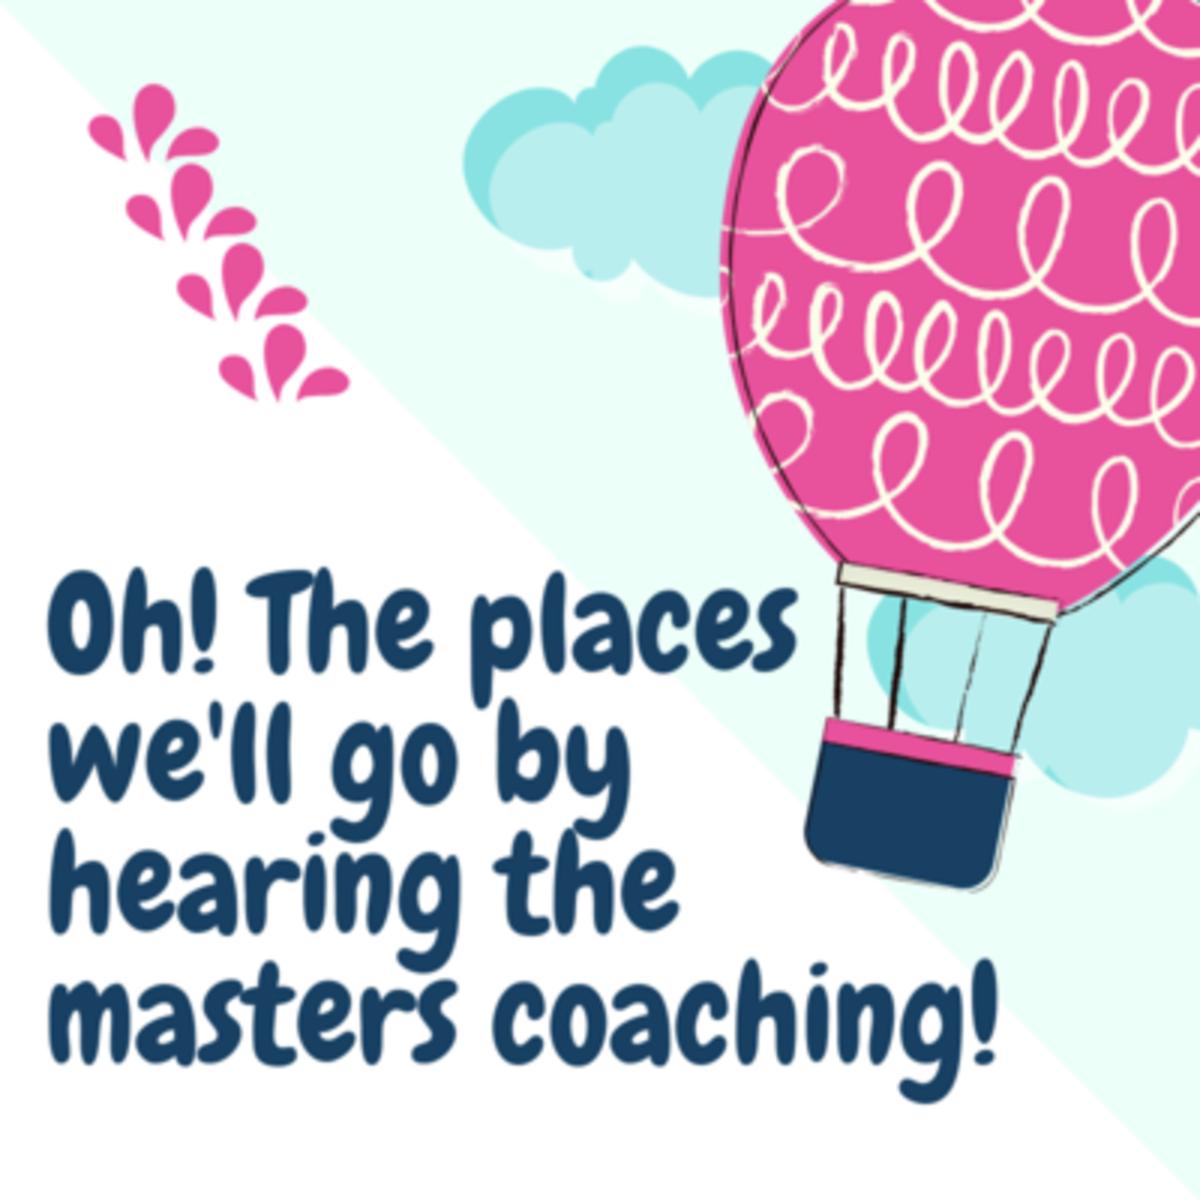 Because of Coaching!